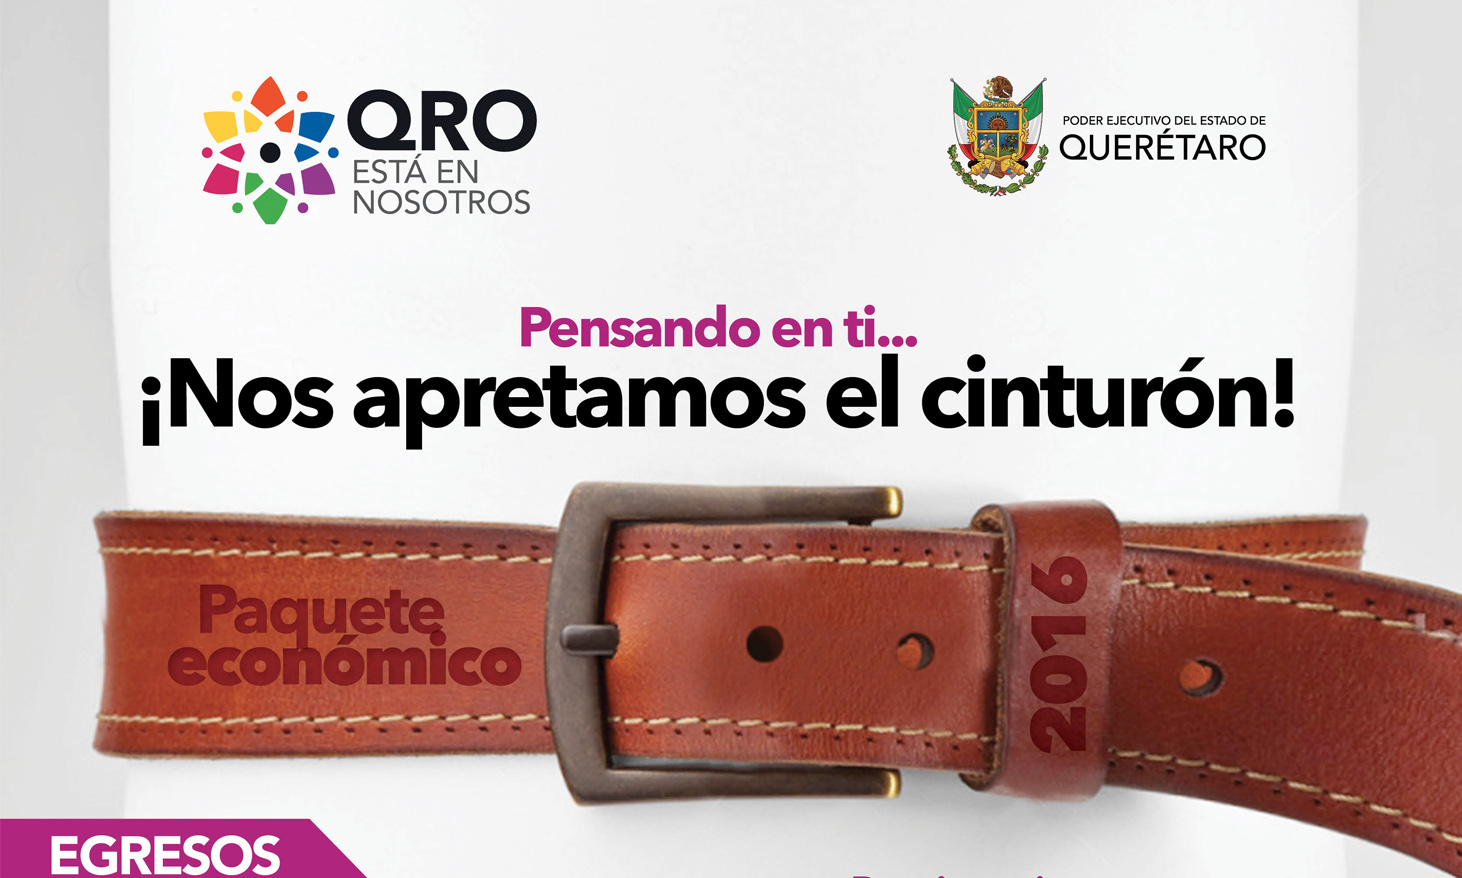 Campaña «Nos apretamos el cinturón» Gob. de Querétaro